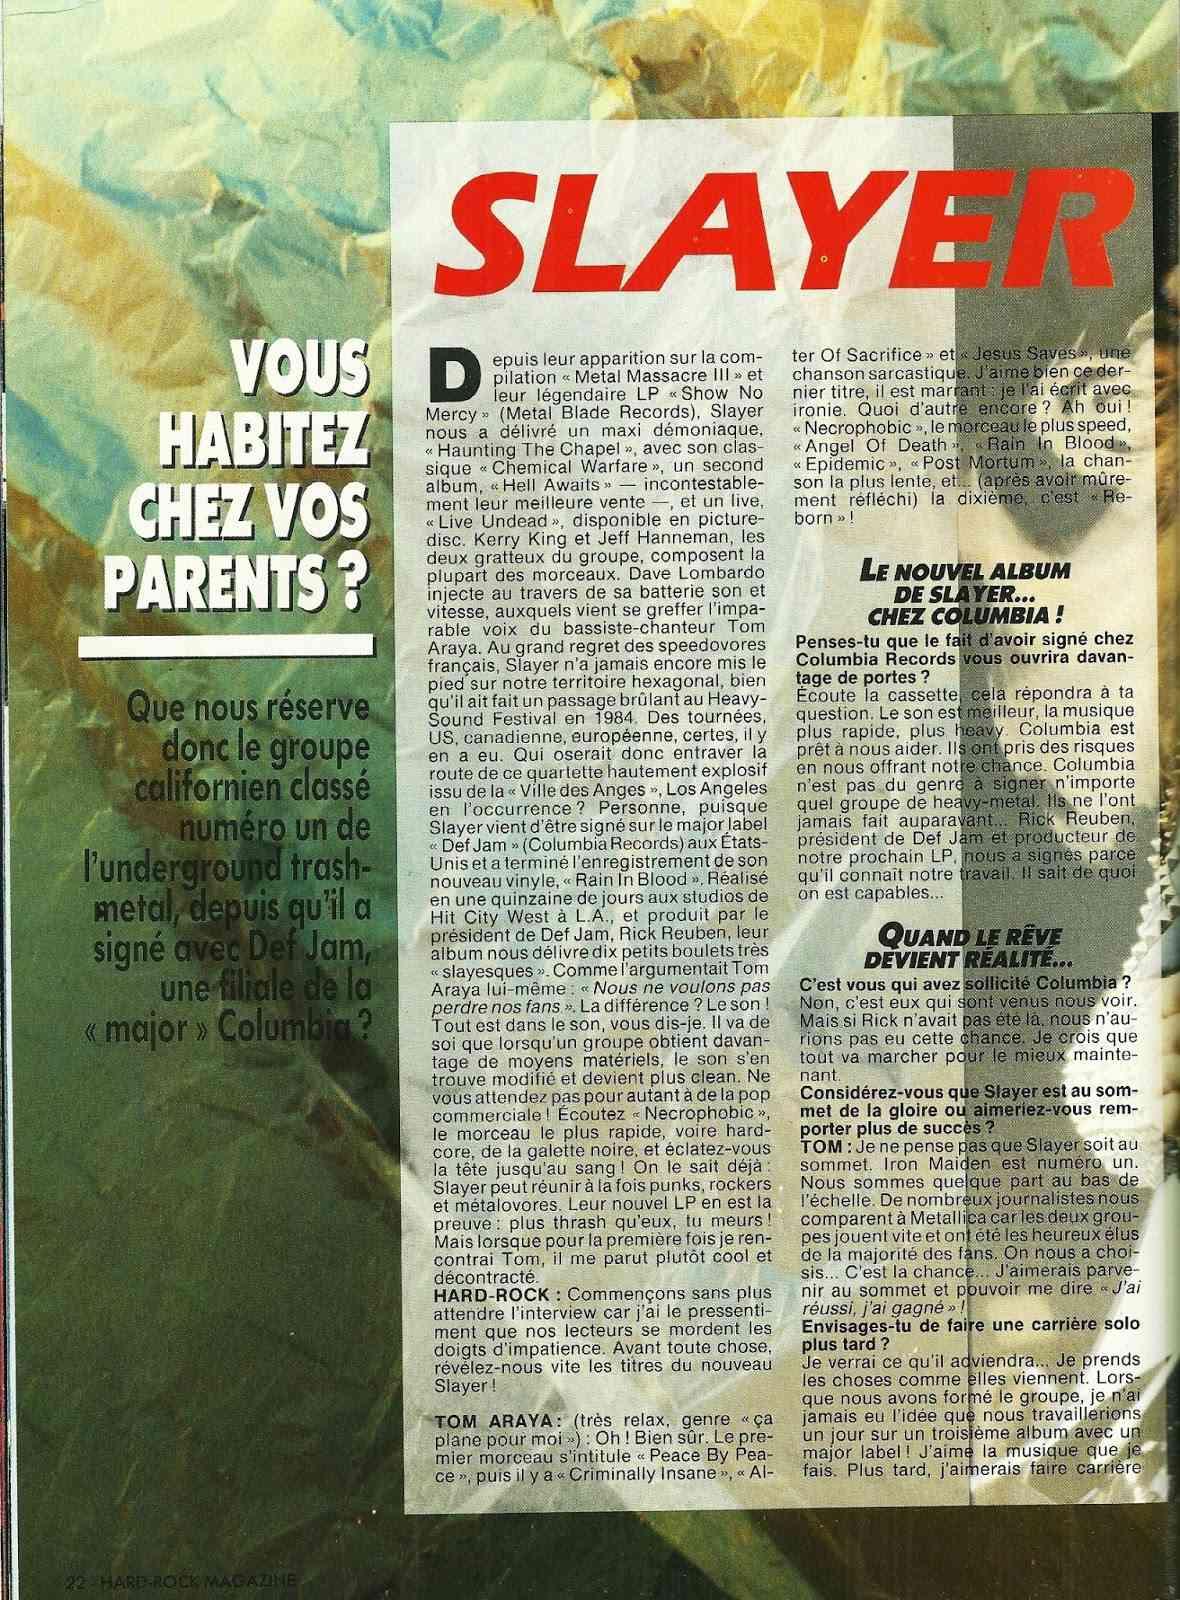 SLAYER Vous habitez chez vos parents ? (HARD ROCK Magazine Octobre 1986) Archive à lire Numyri62